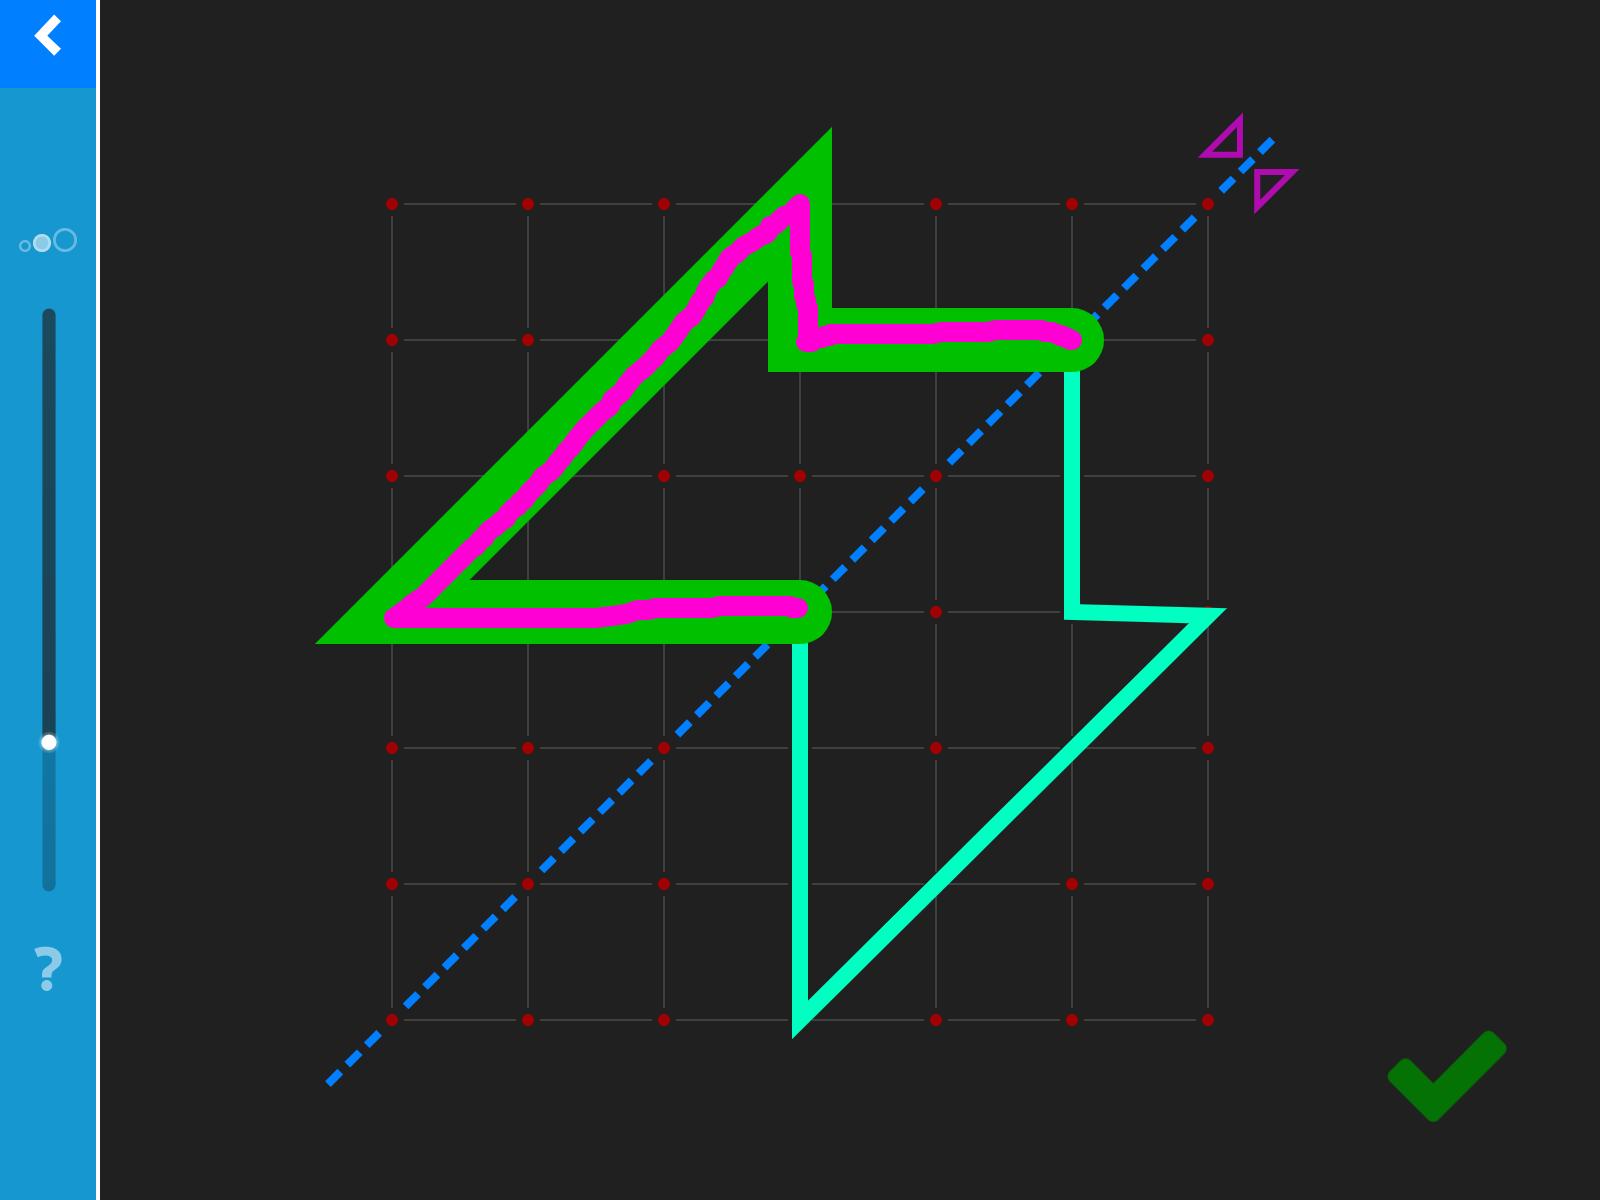 LOGO 7 – Spiegle eine Linie diagonal in einen Raster.